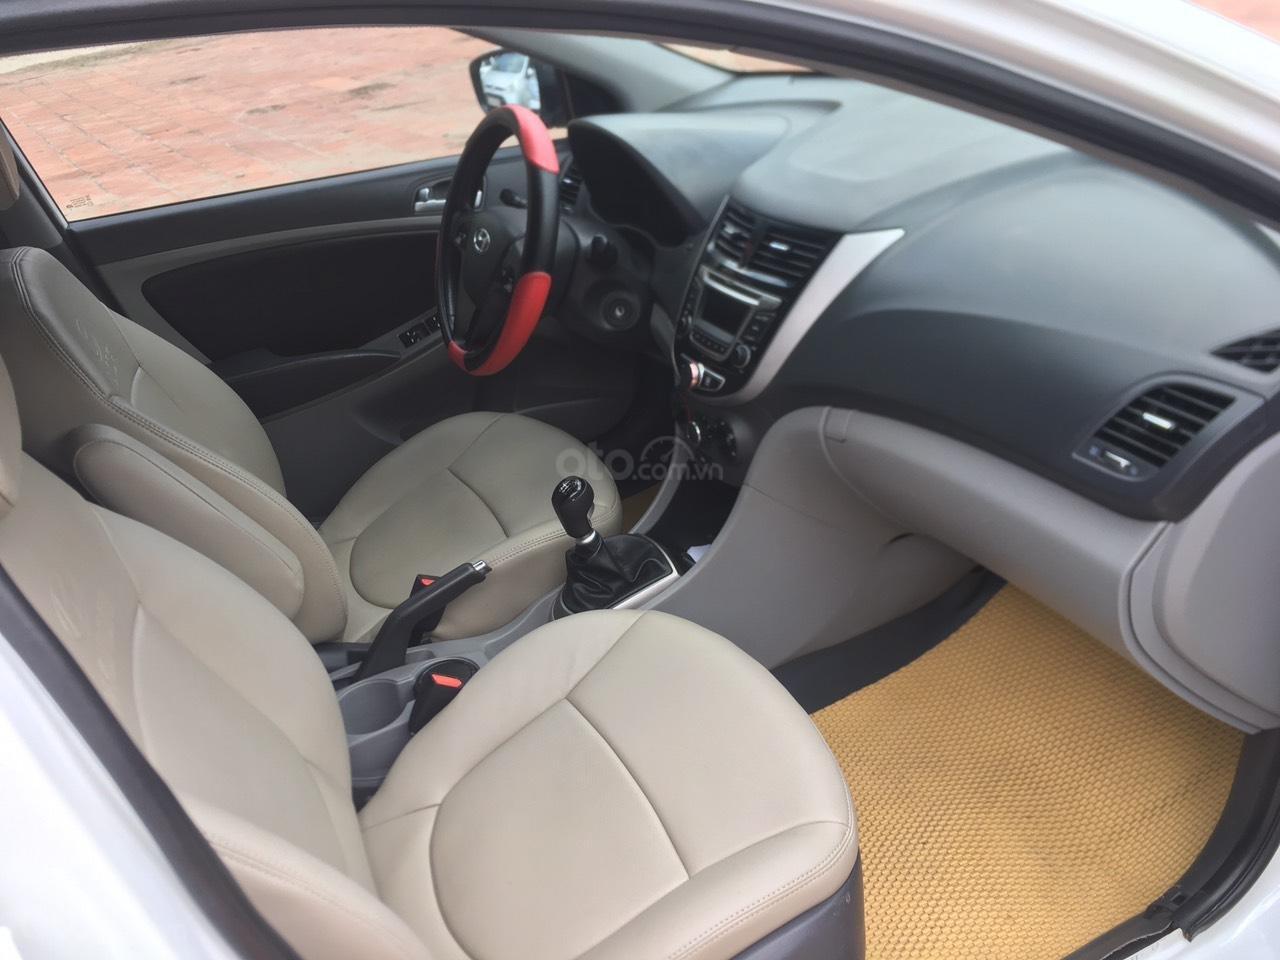 Bán xe Hyundai Accent 2015, màu trắng, nhập khẩu nguyên chiếc (4)